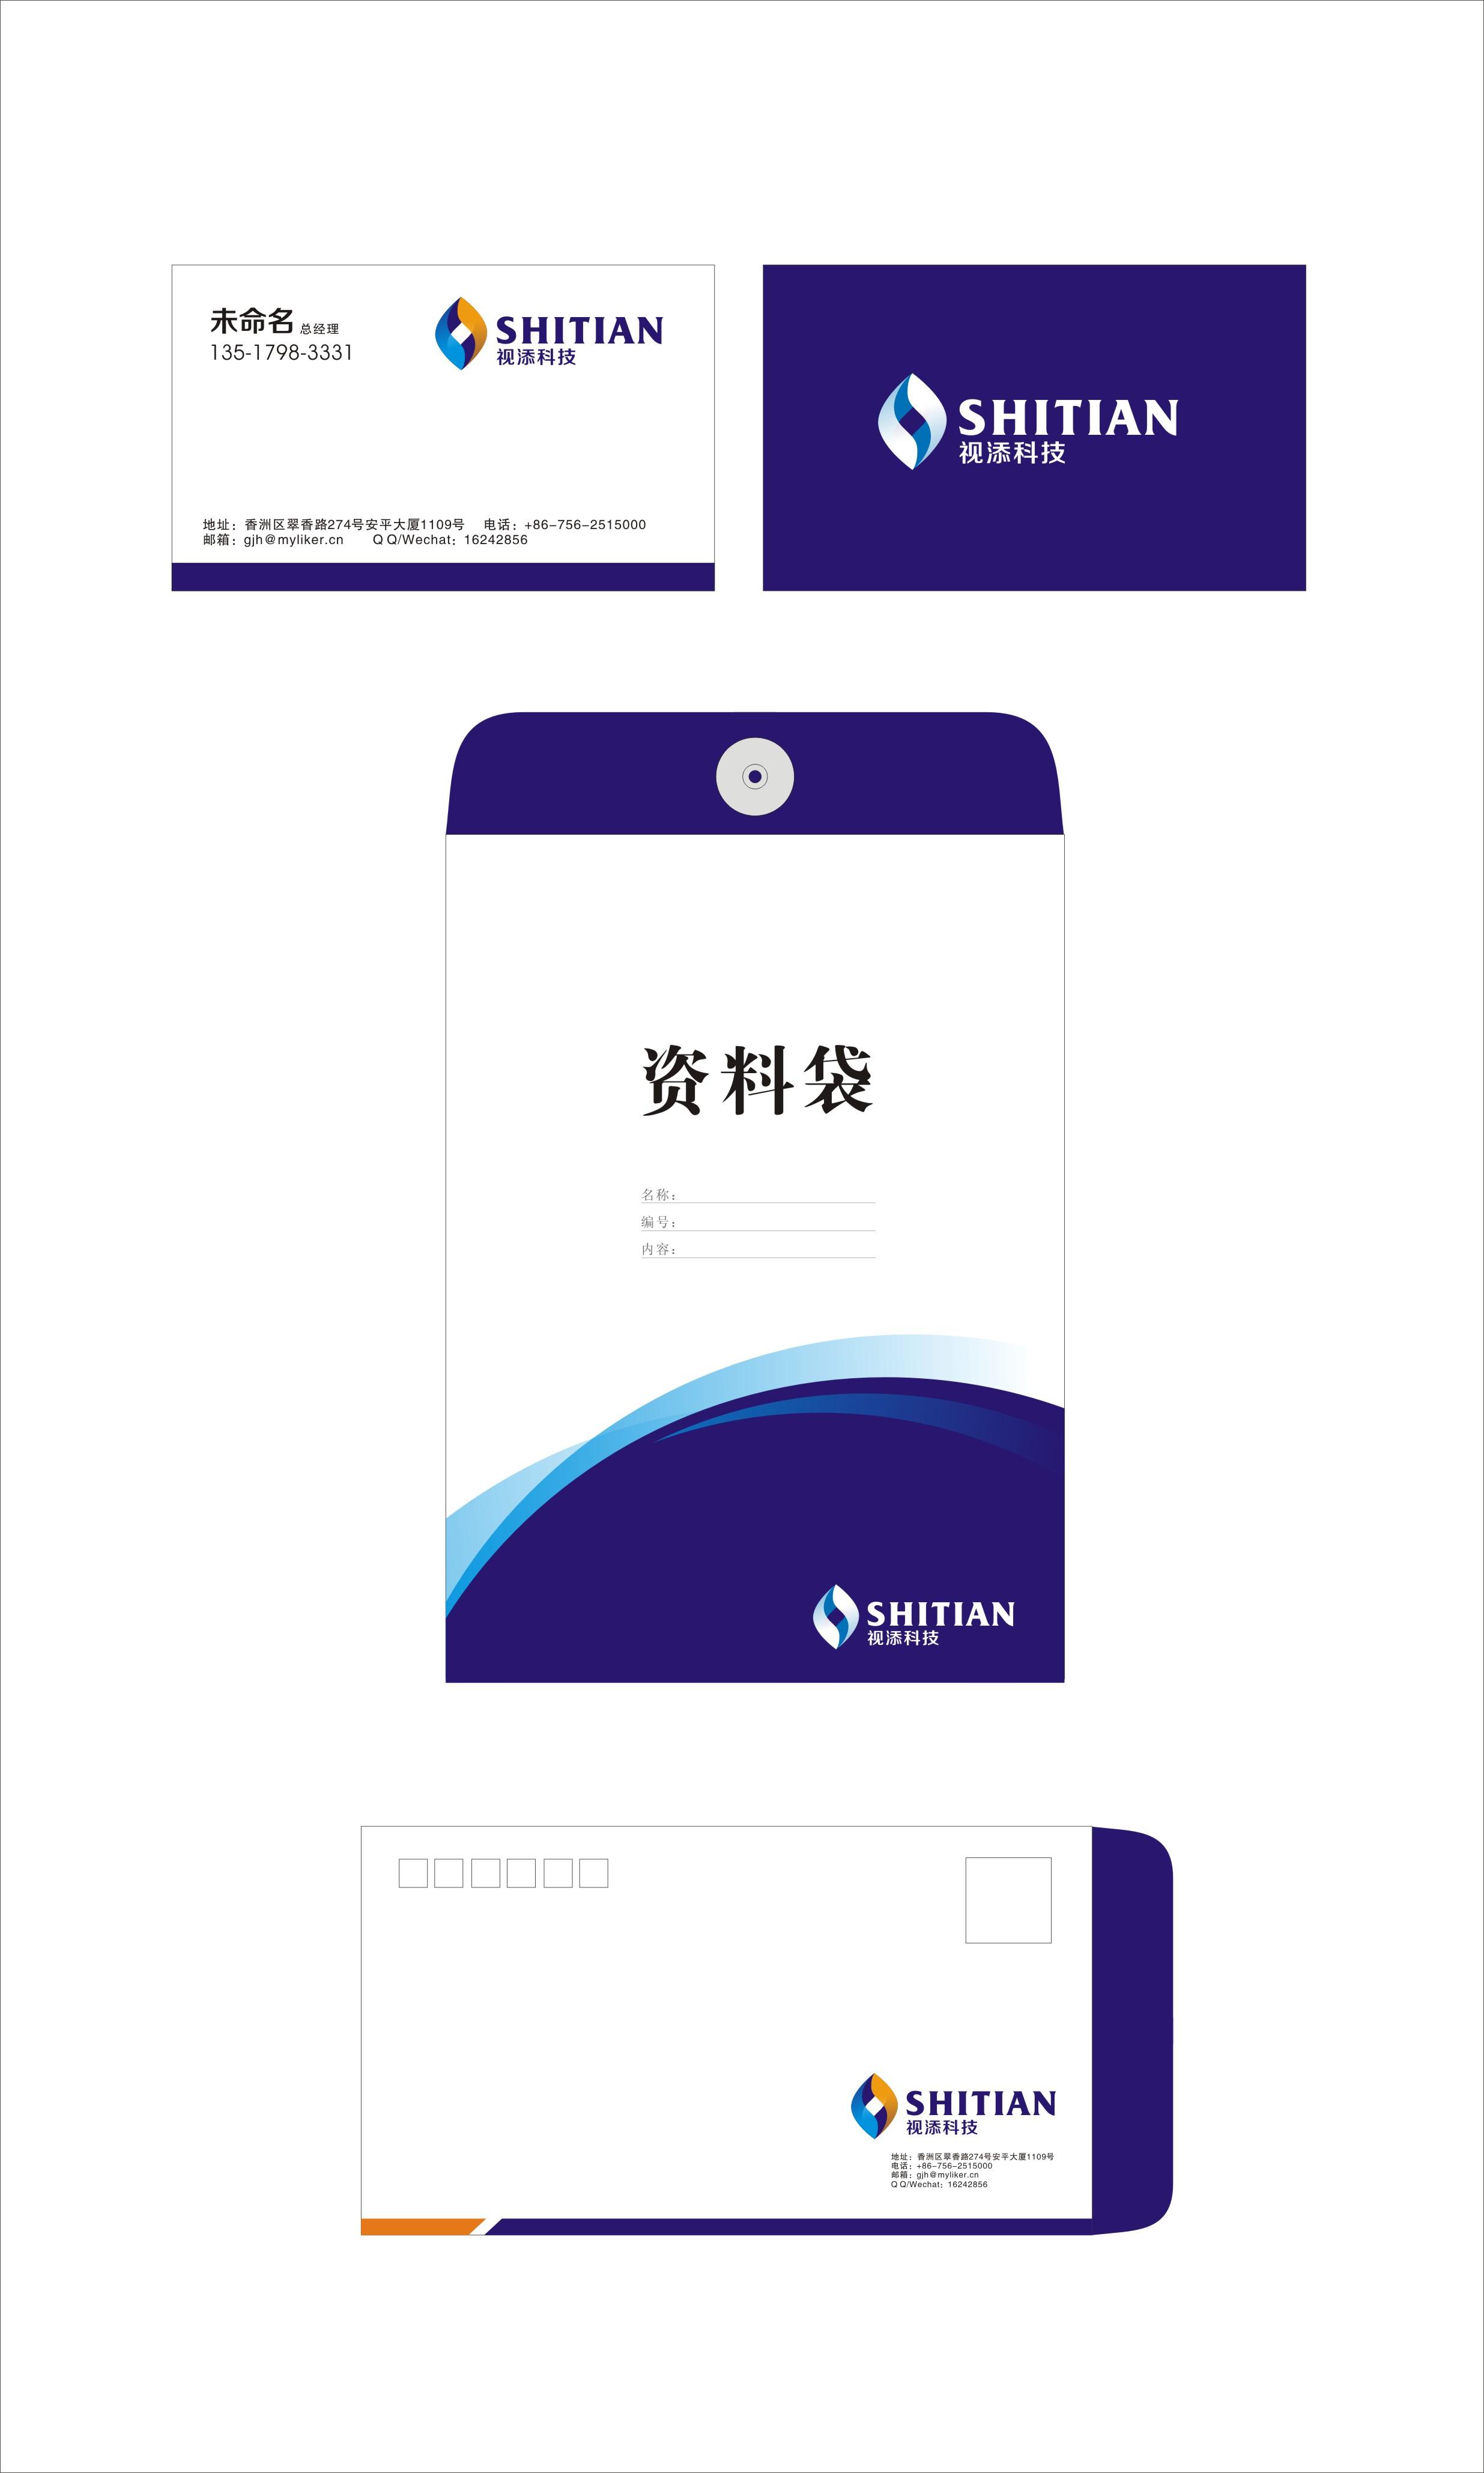 上海视添科技有限公司 LOGO及名片设计_2929499_k68威客网